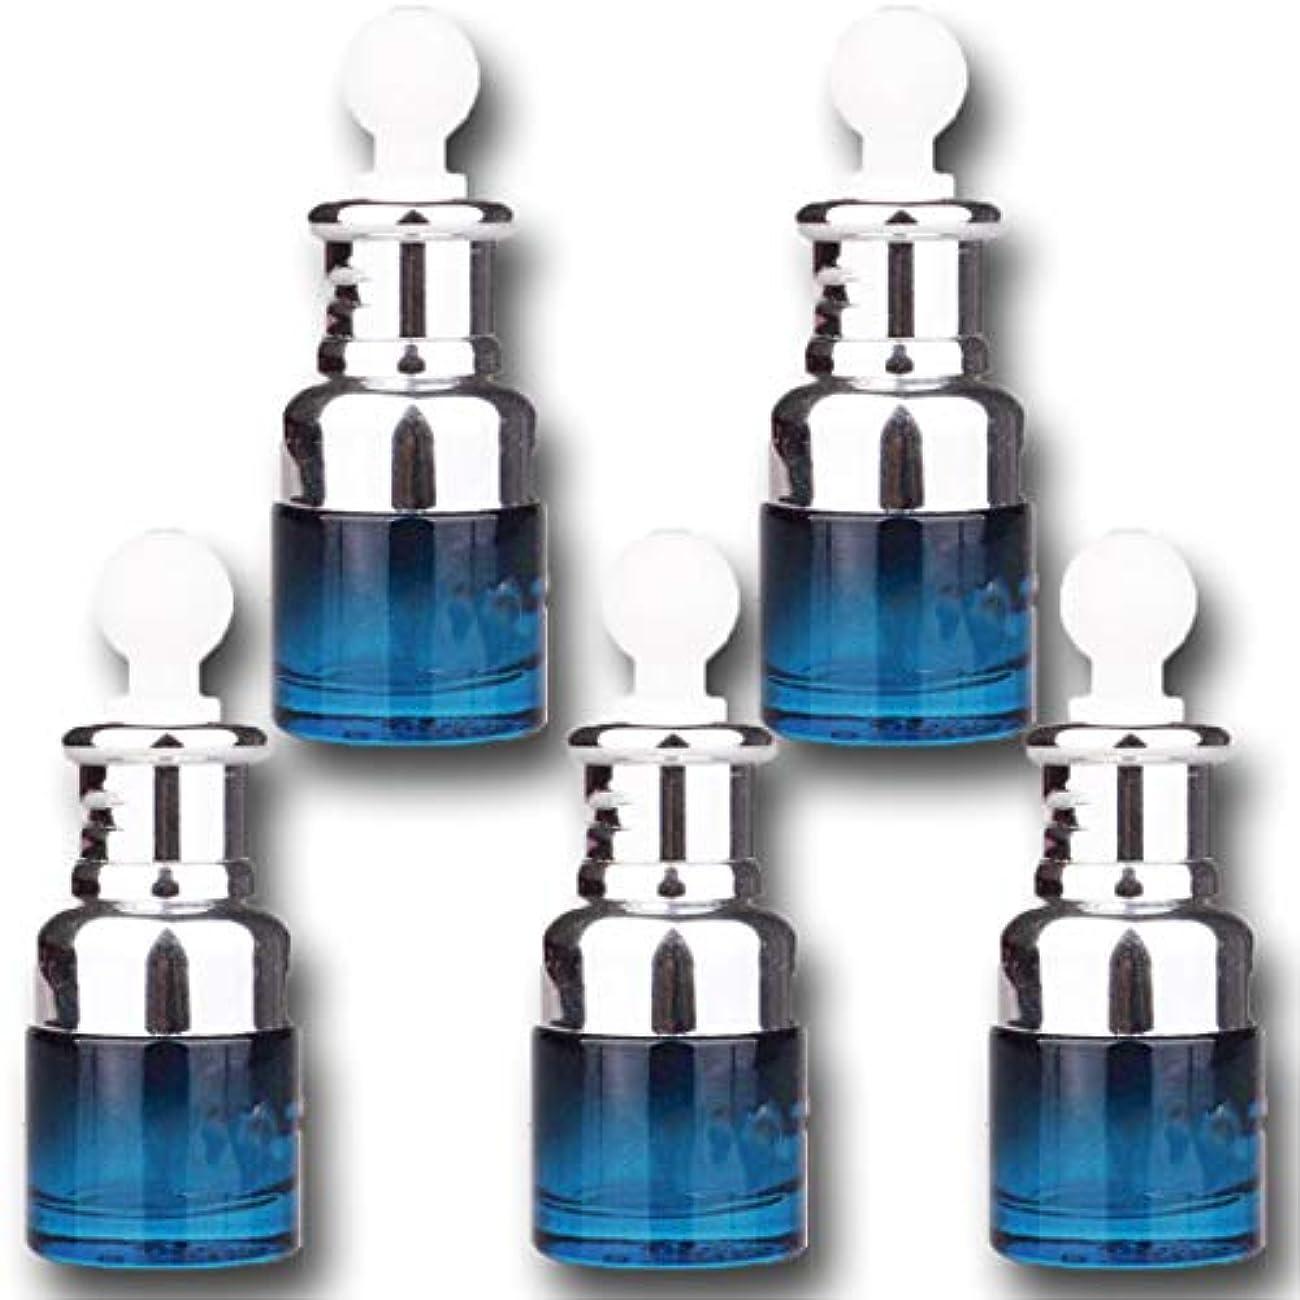 かかわらず担保当社【Nanmara】スポイト式 遮光ボトル 5個セット 20ml エッセンシャルオイル アロマ 詰め替え容器